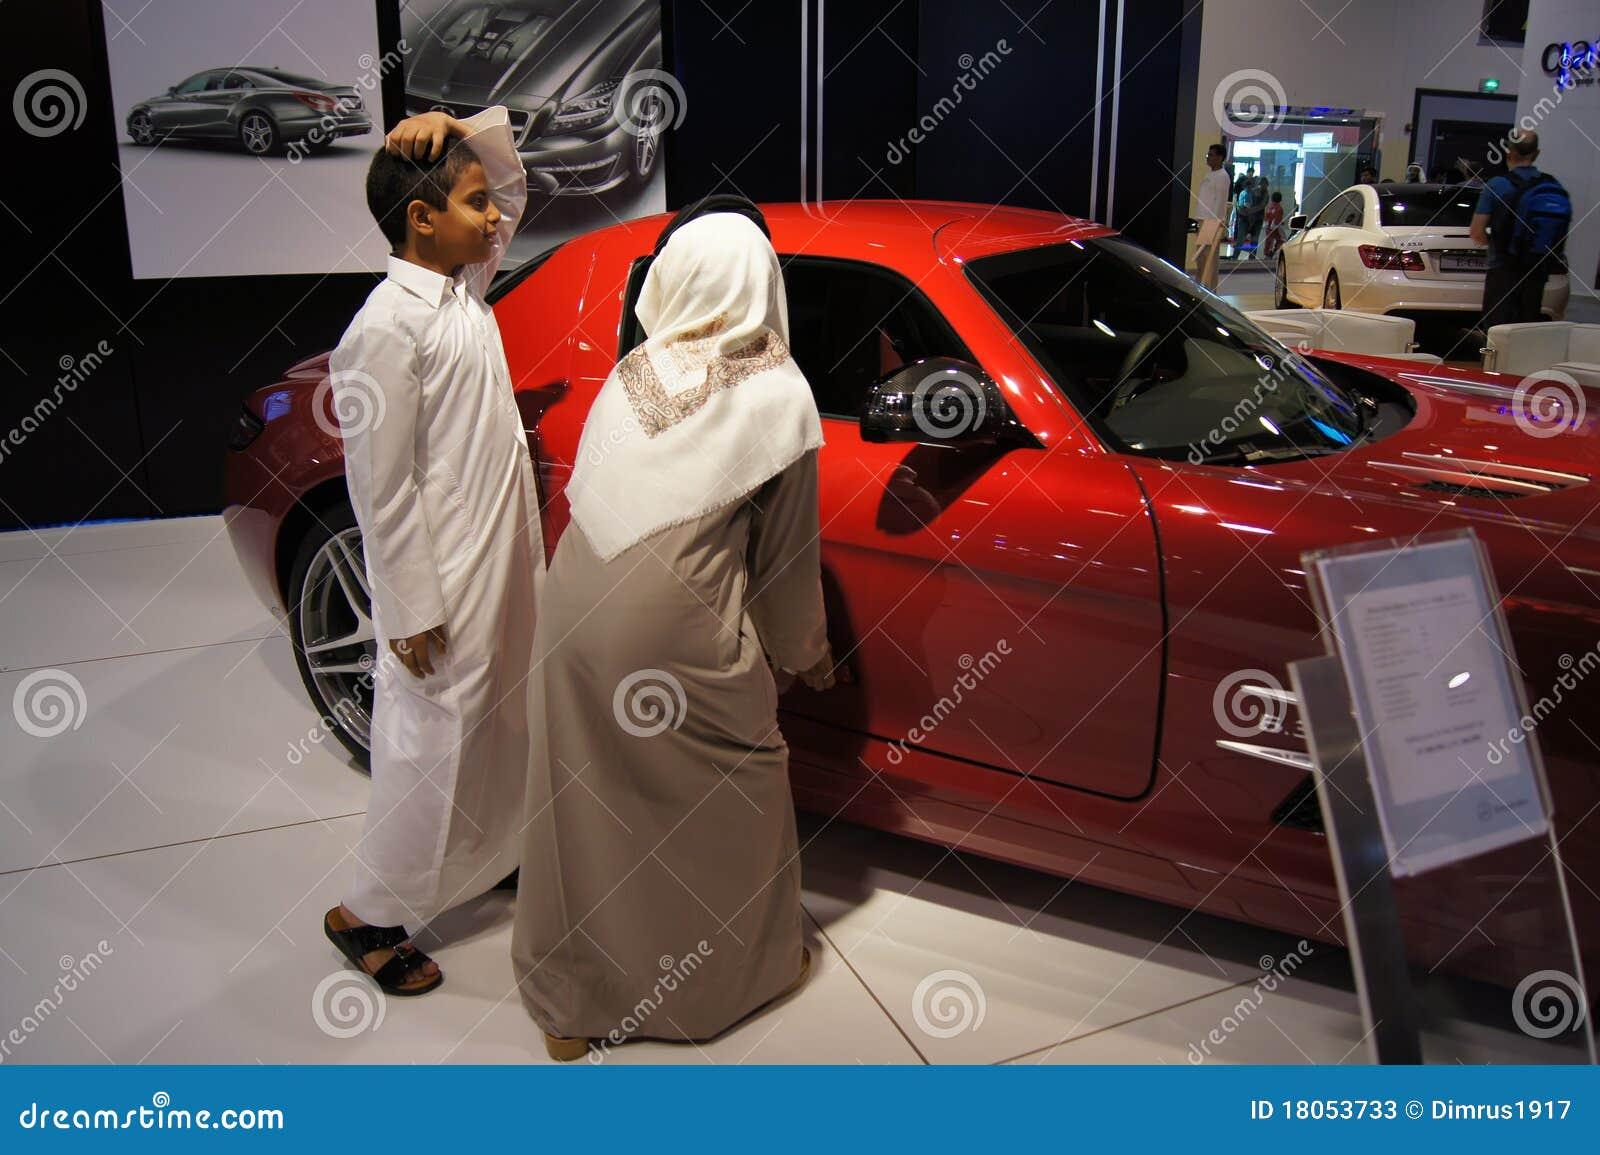 Qatar Motorshow 2011 Arab Boys Near Mercedes Editorial